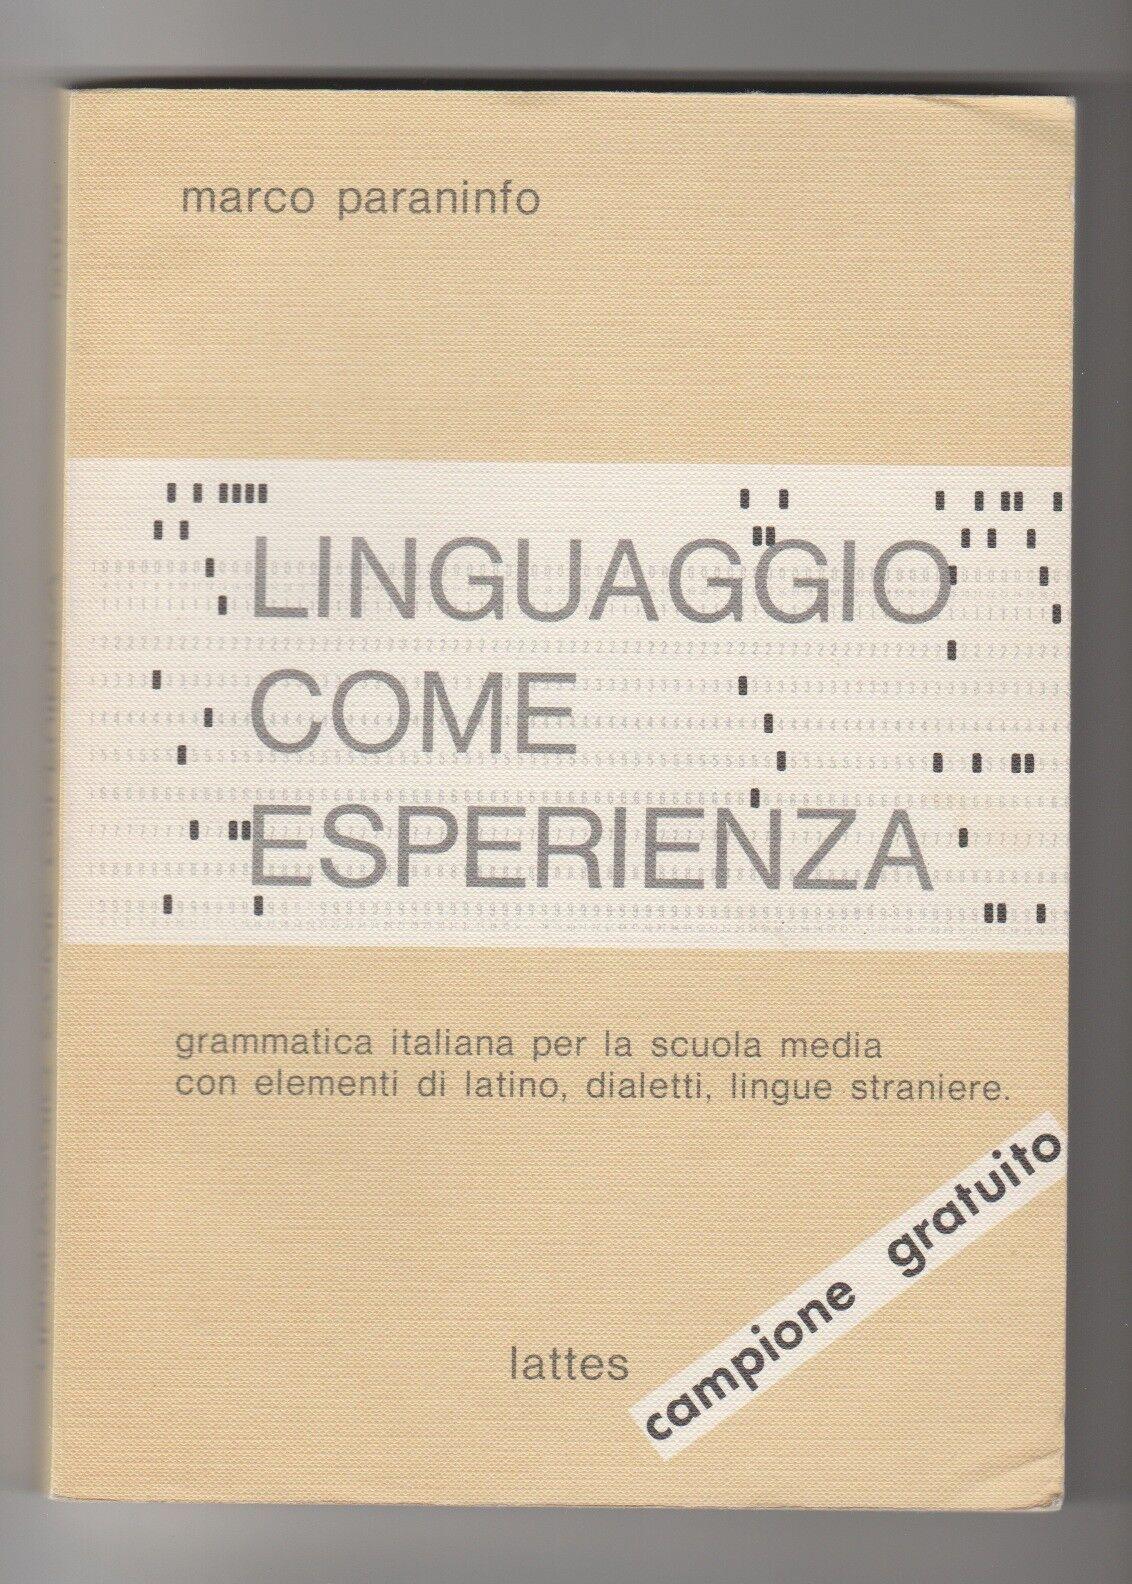 Linguaggio come esperienza